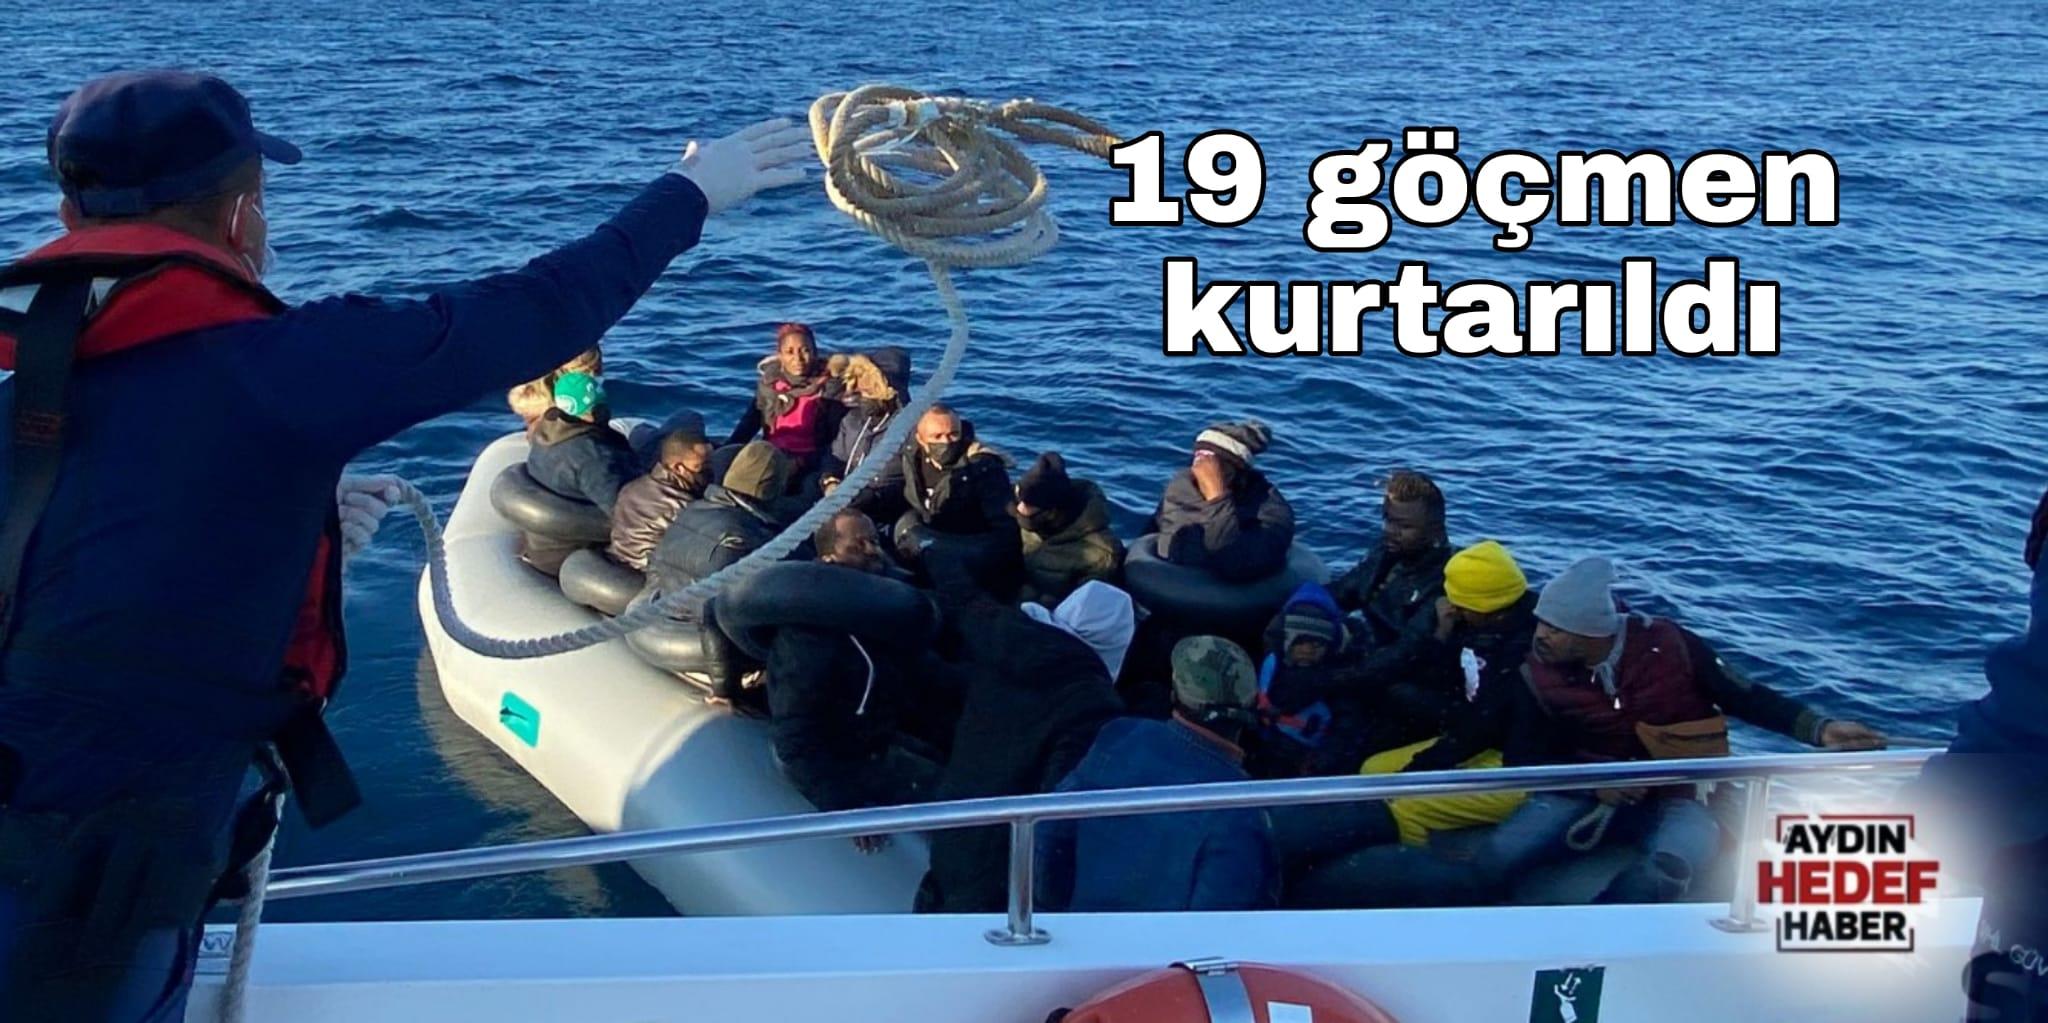 19 göçmen kurtarıldı